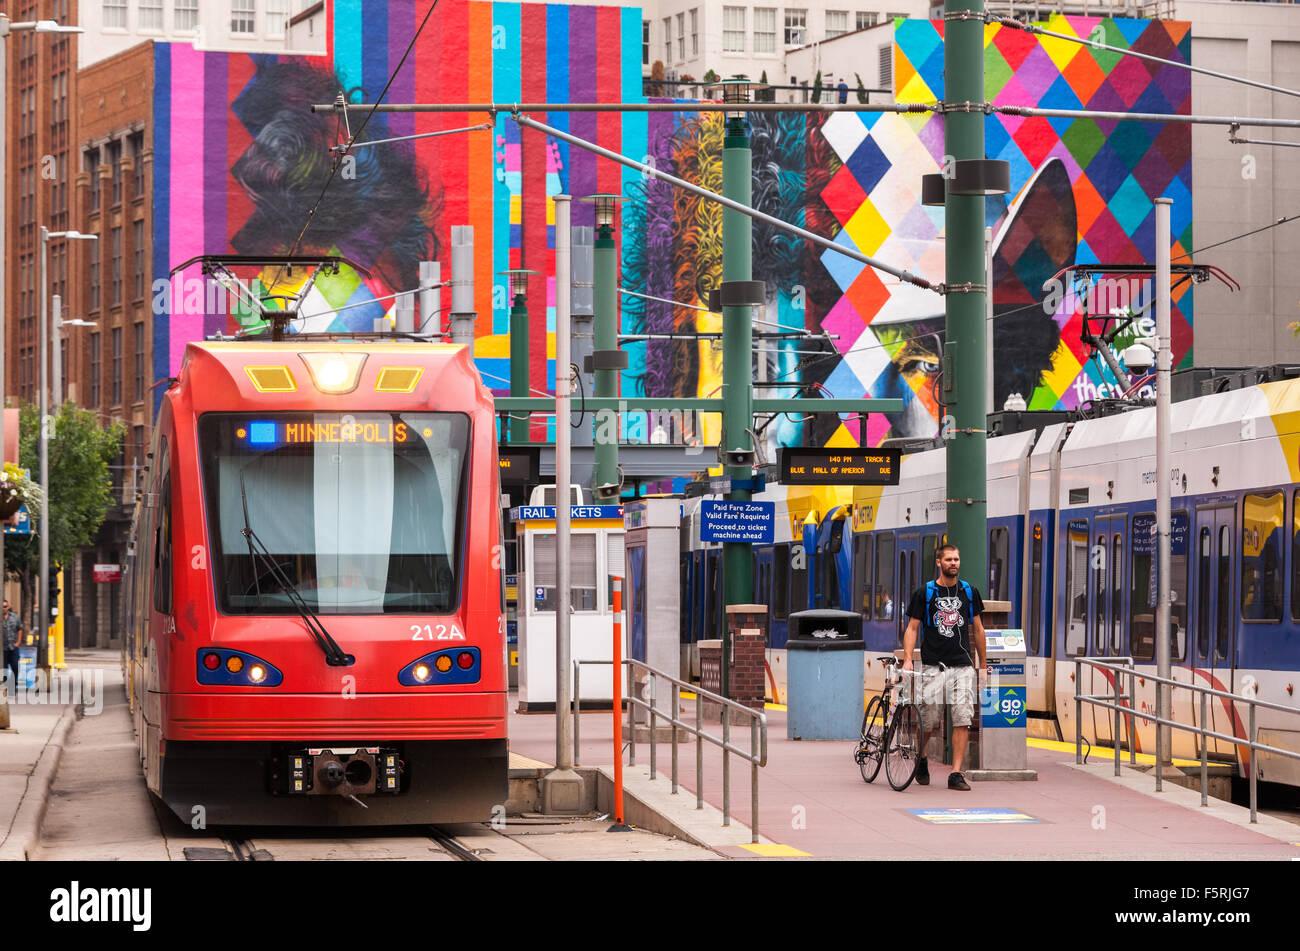 Le centre-ville de Minneapolis. Transport en commun Métro Ligne bleue Hiawatha Light Rail à Hennepin. Photo Stock